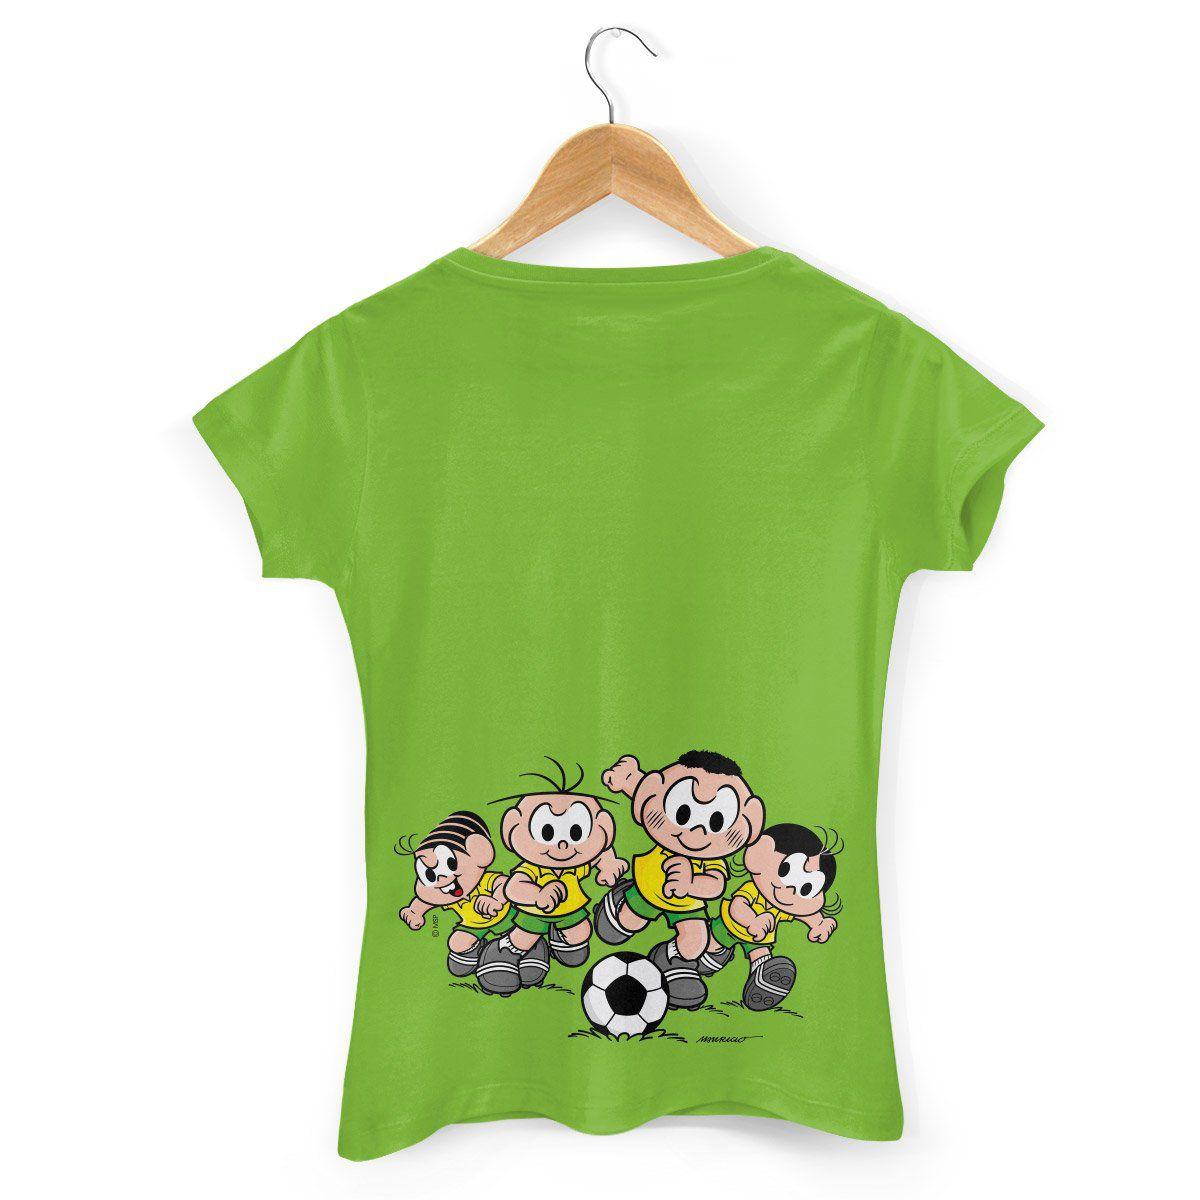 Camiseta Feminina Turma da Mônica Brasão Mônica e Cebolinha